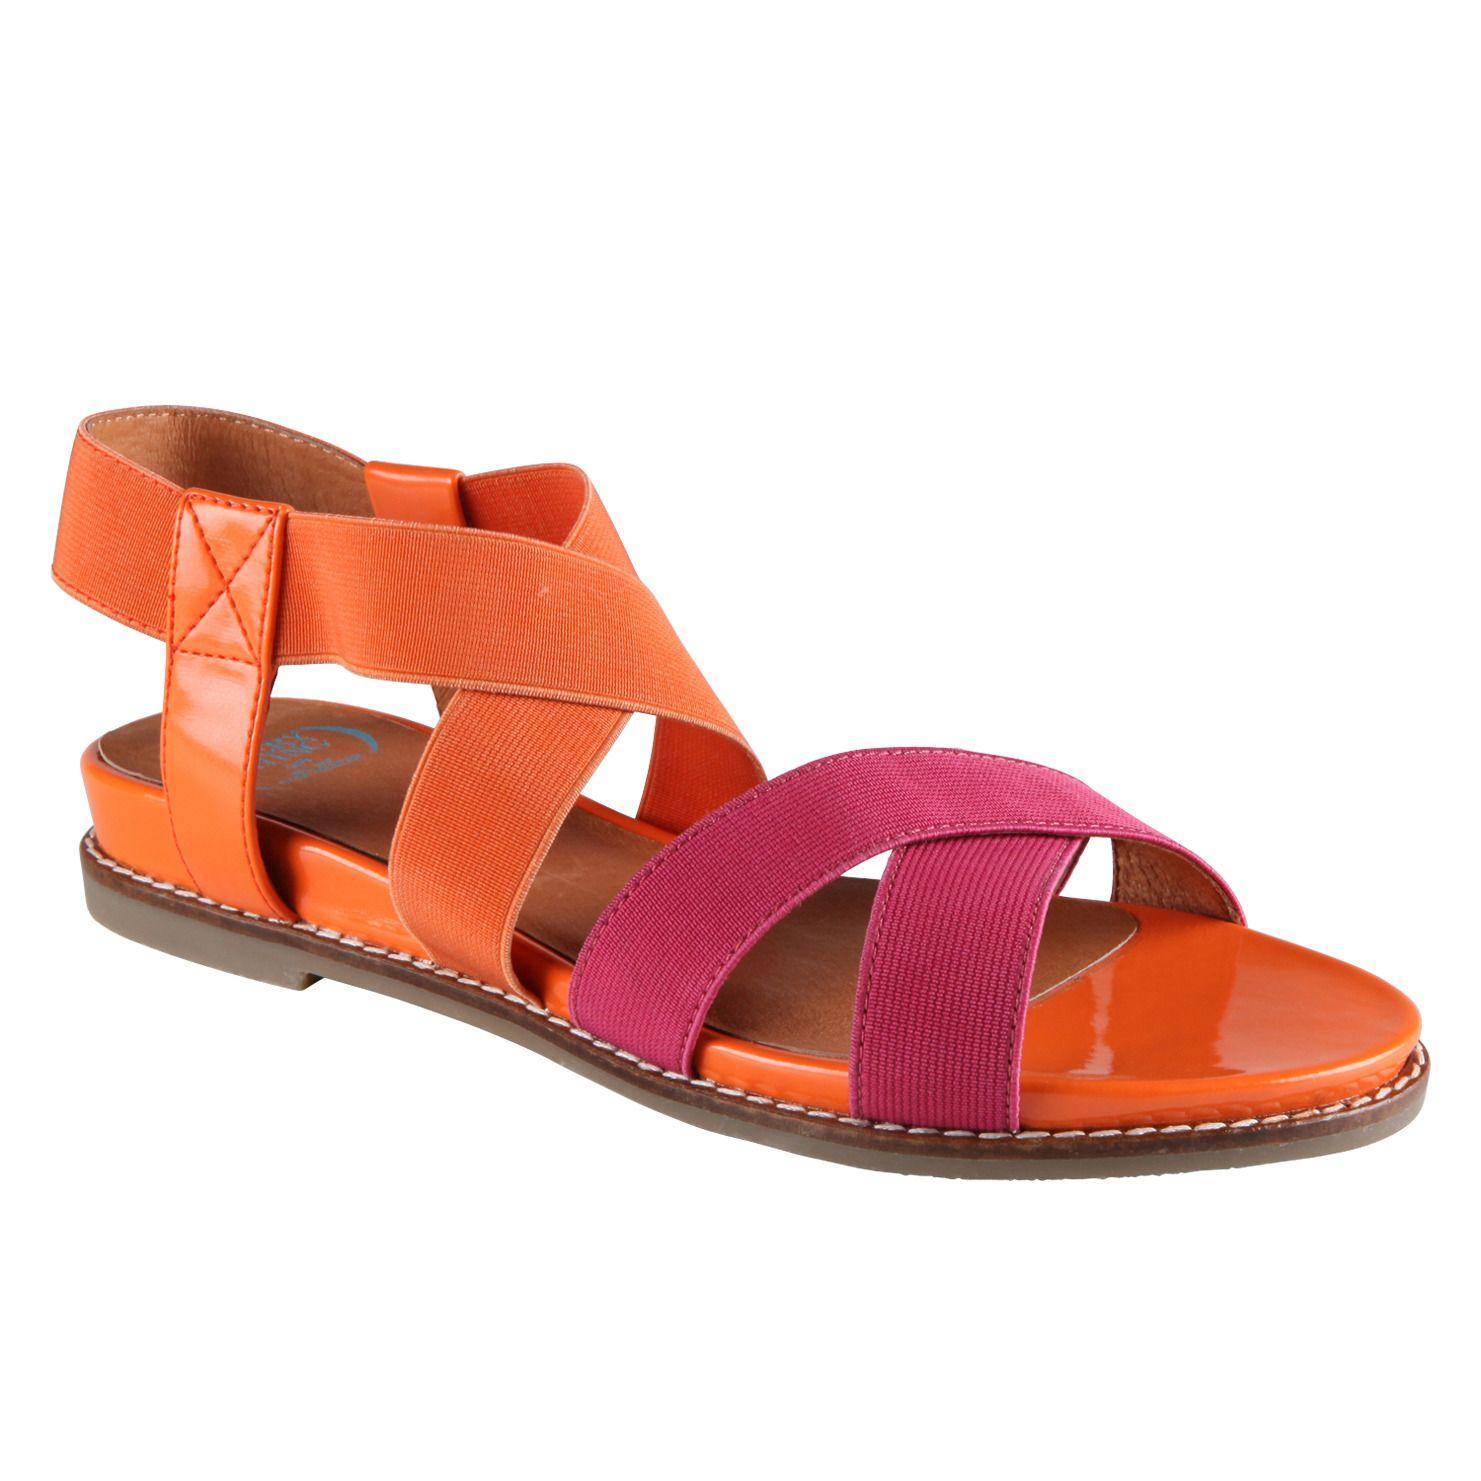 More colour block sandals!